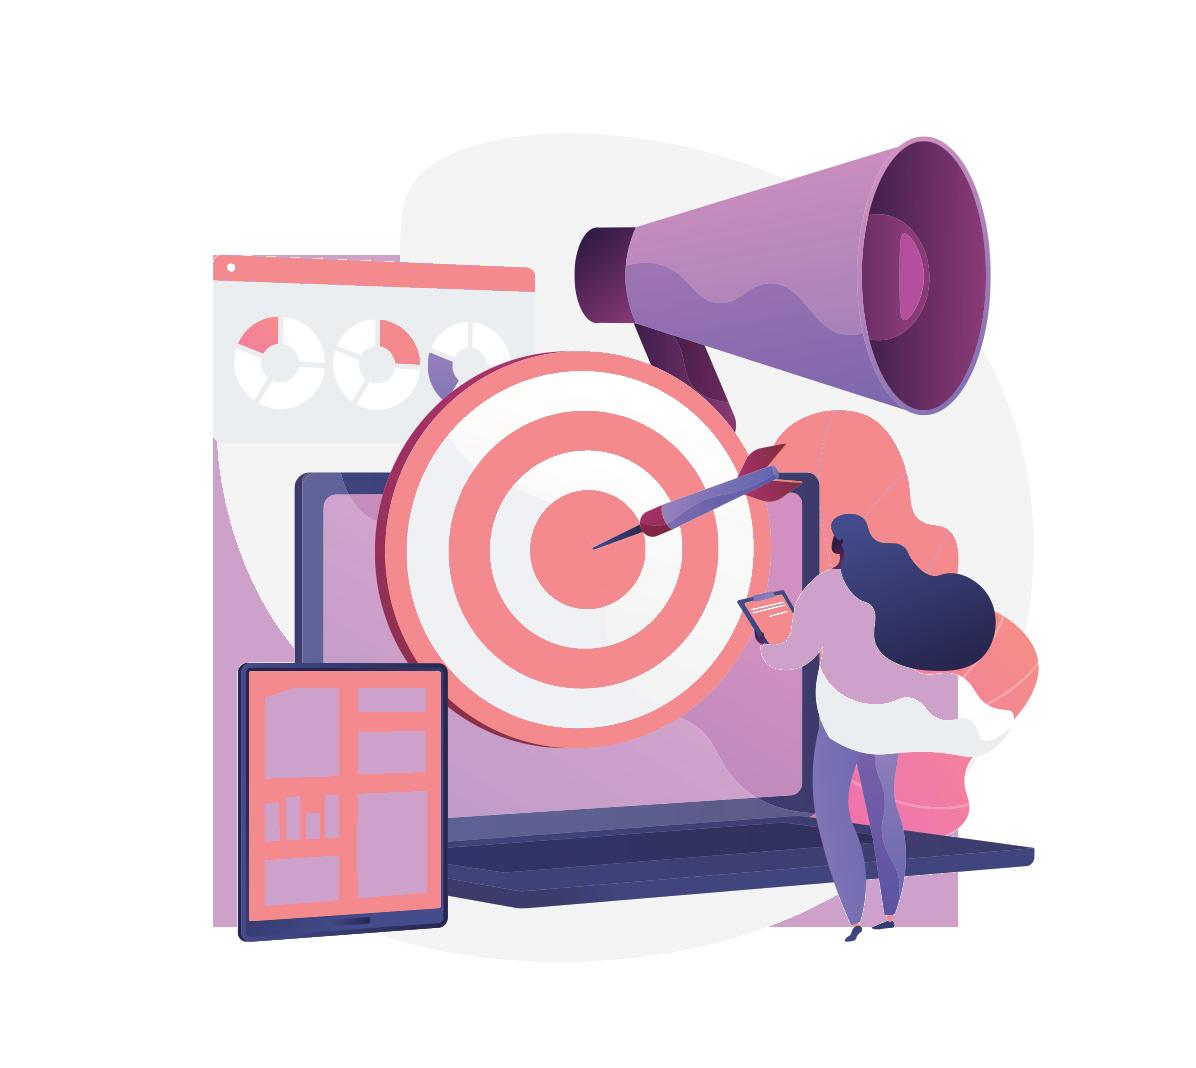 estrategia de marketing y publicidad